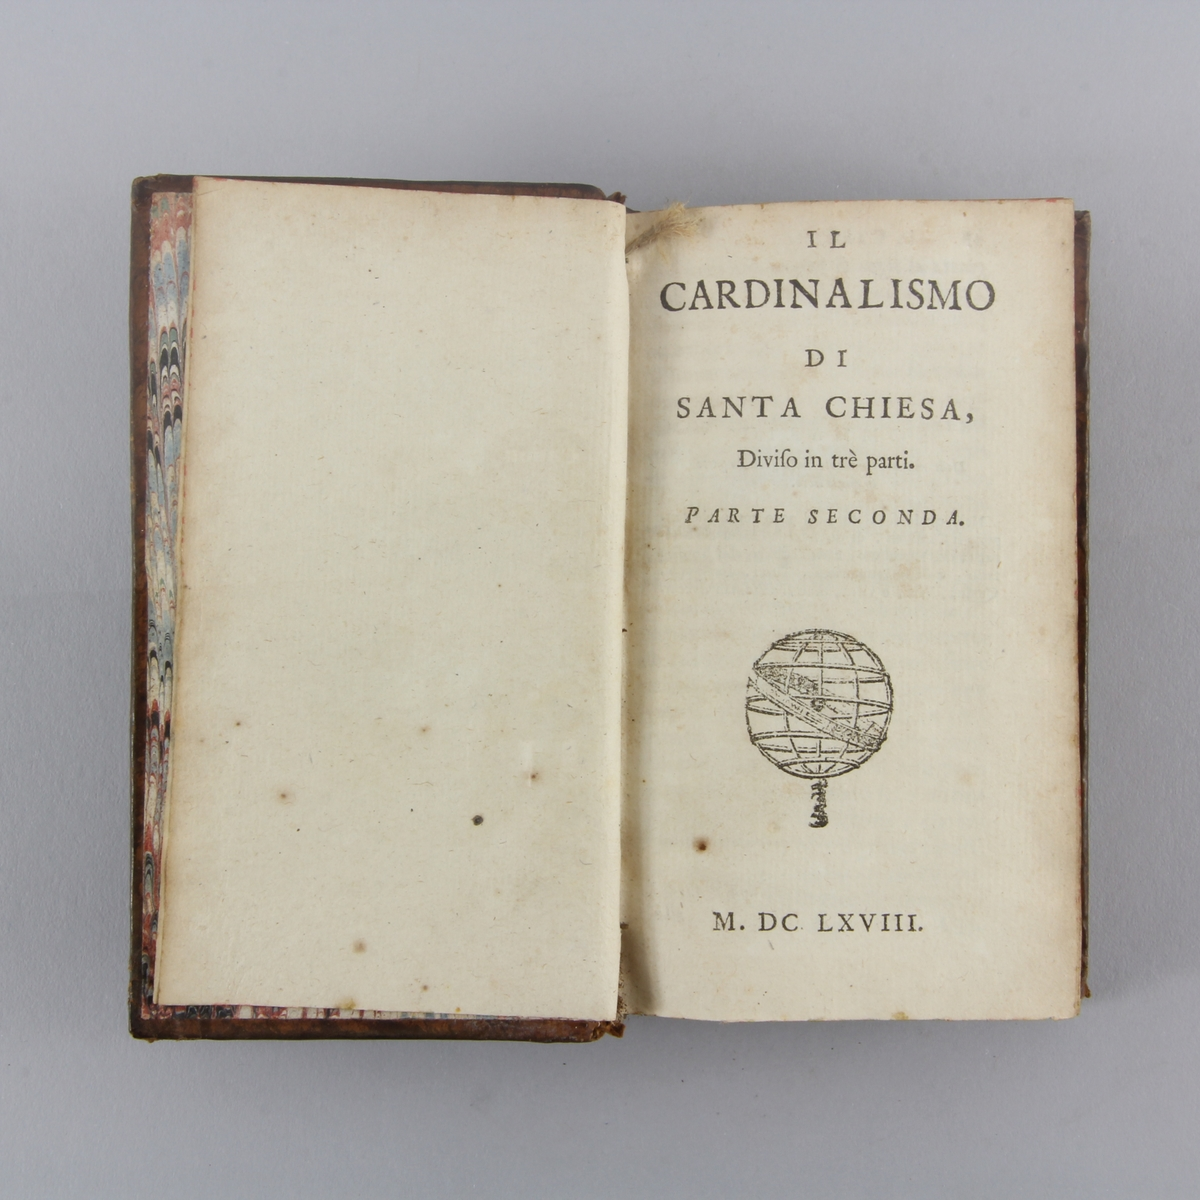 """Bok, helfranskt band """"Il cardinalismo di Santa Chiesa"""", del 2. Skinnband med guldpräglad rygg i fem upphöjda bind, marmorerat papper på pärmens insida. Rödstänkt skuret snitt."""